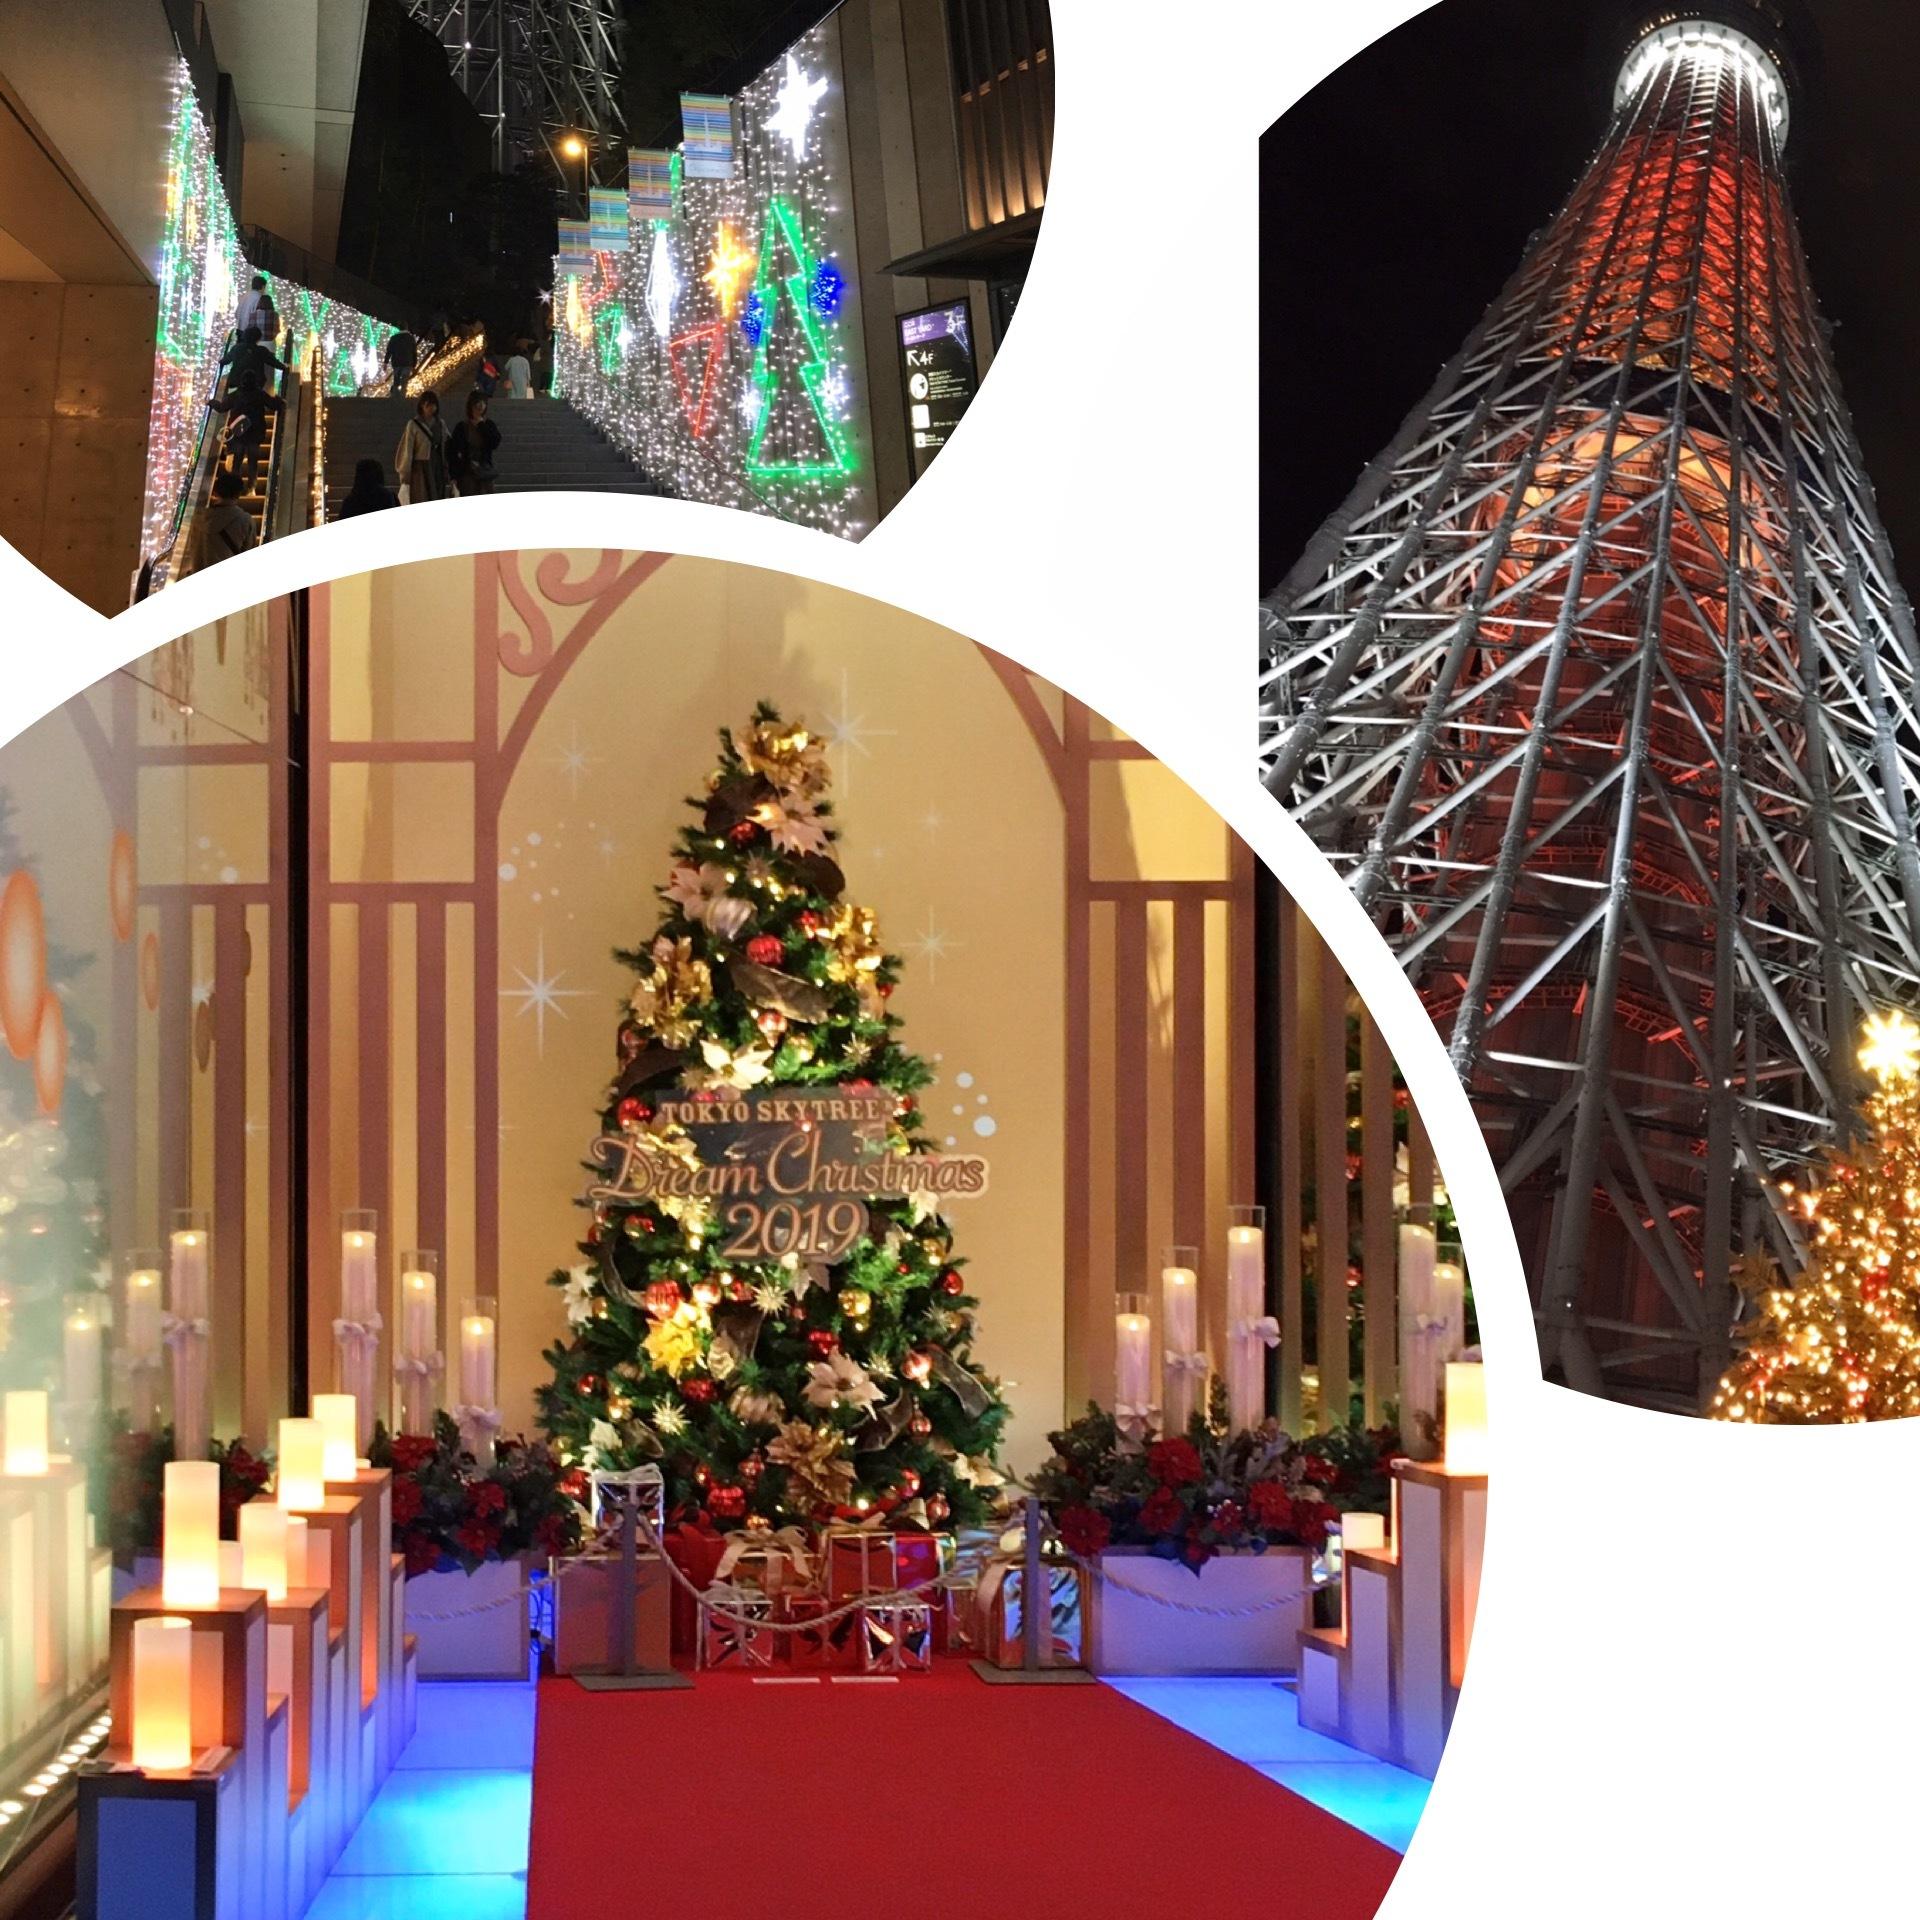 【デートにおすすめ】スカイツリーのクリスマス仕様がすごかった!_1_1